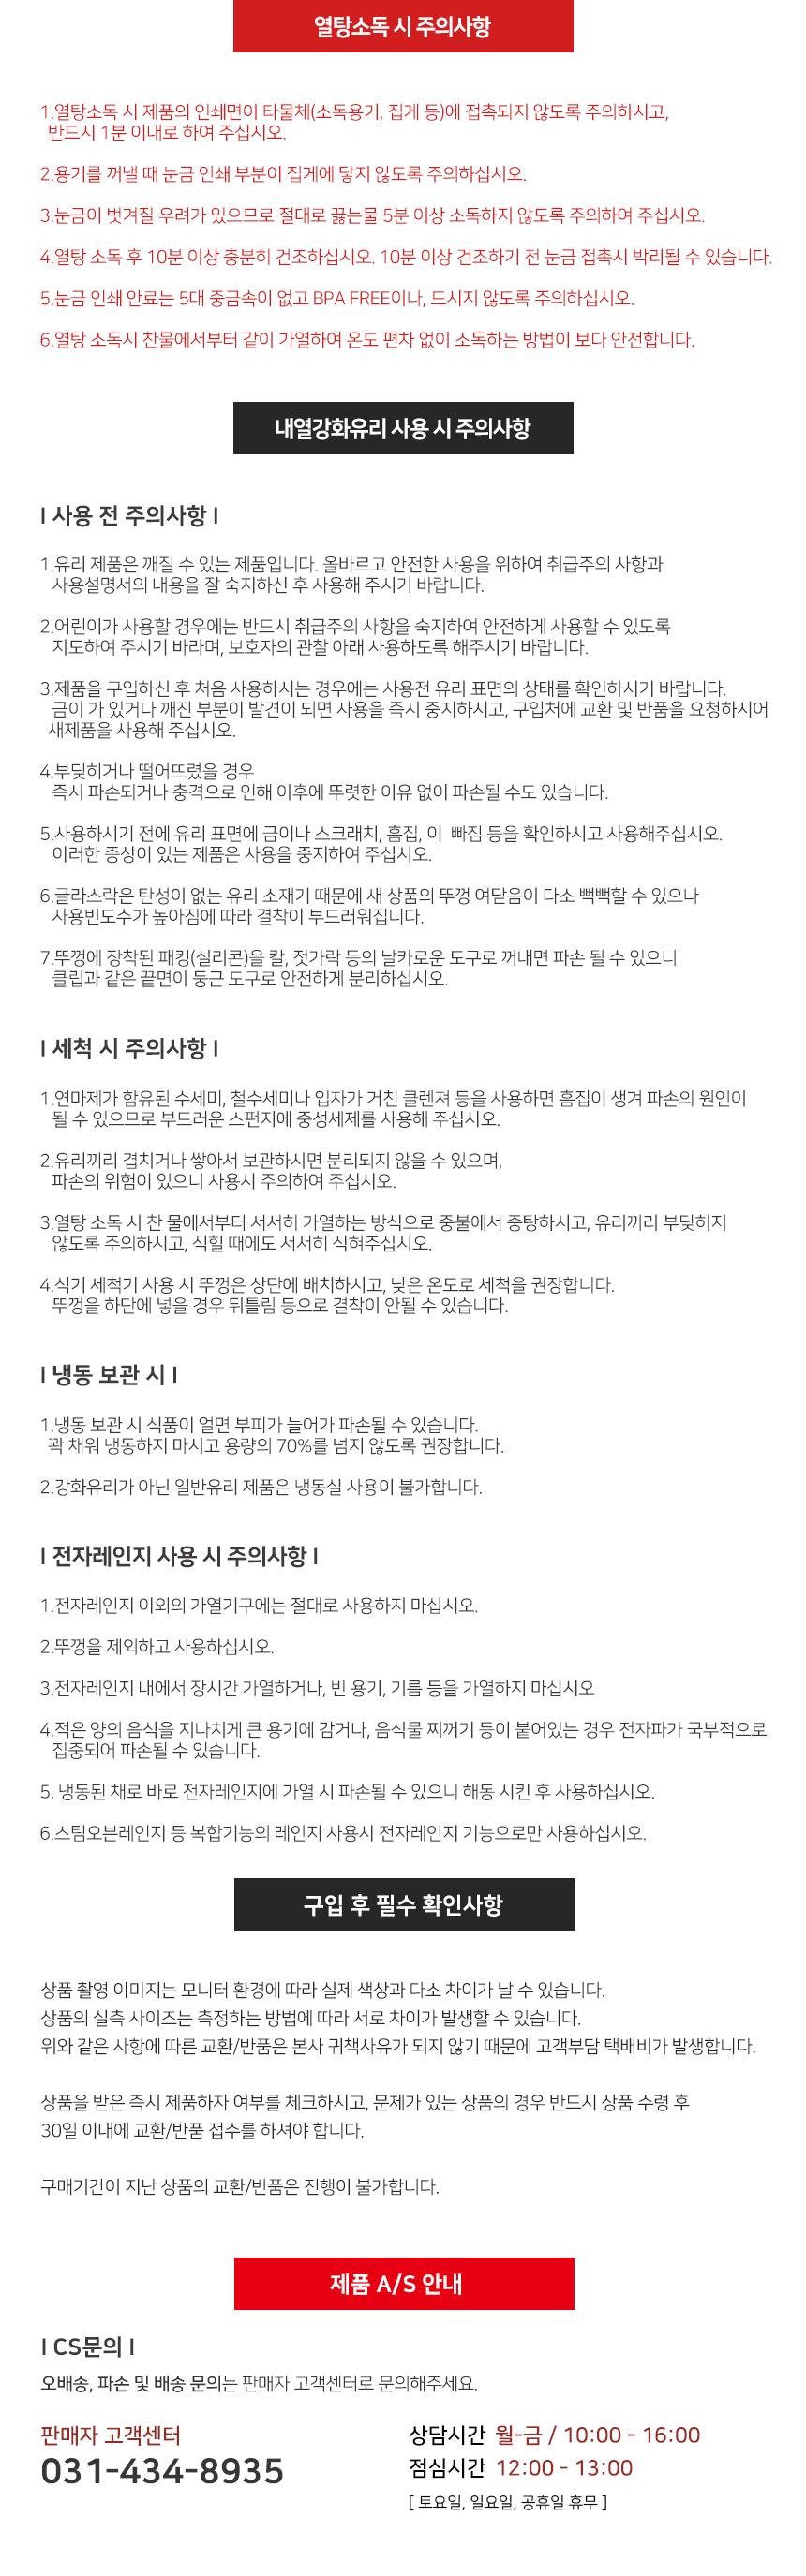 ★주의사항-눈금이유식기.jpg